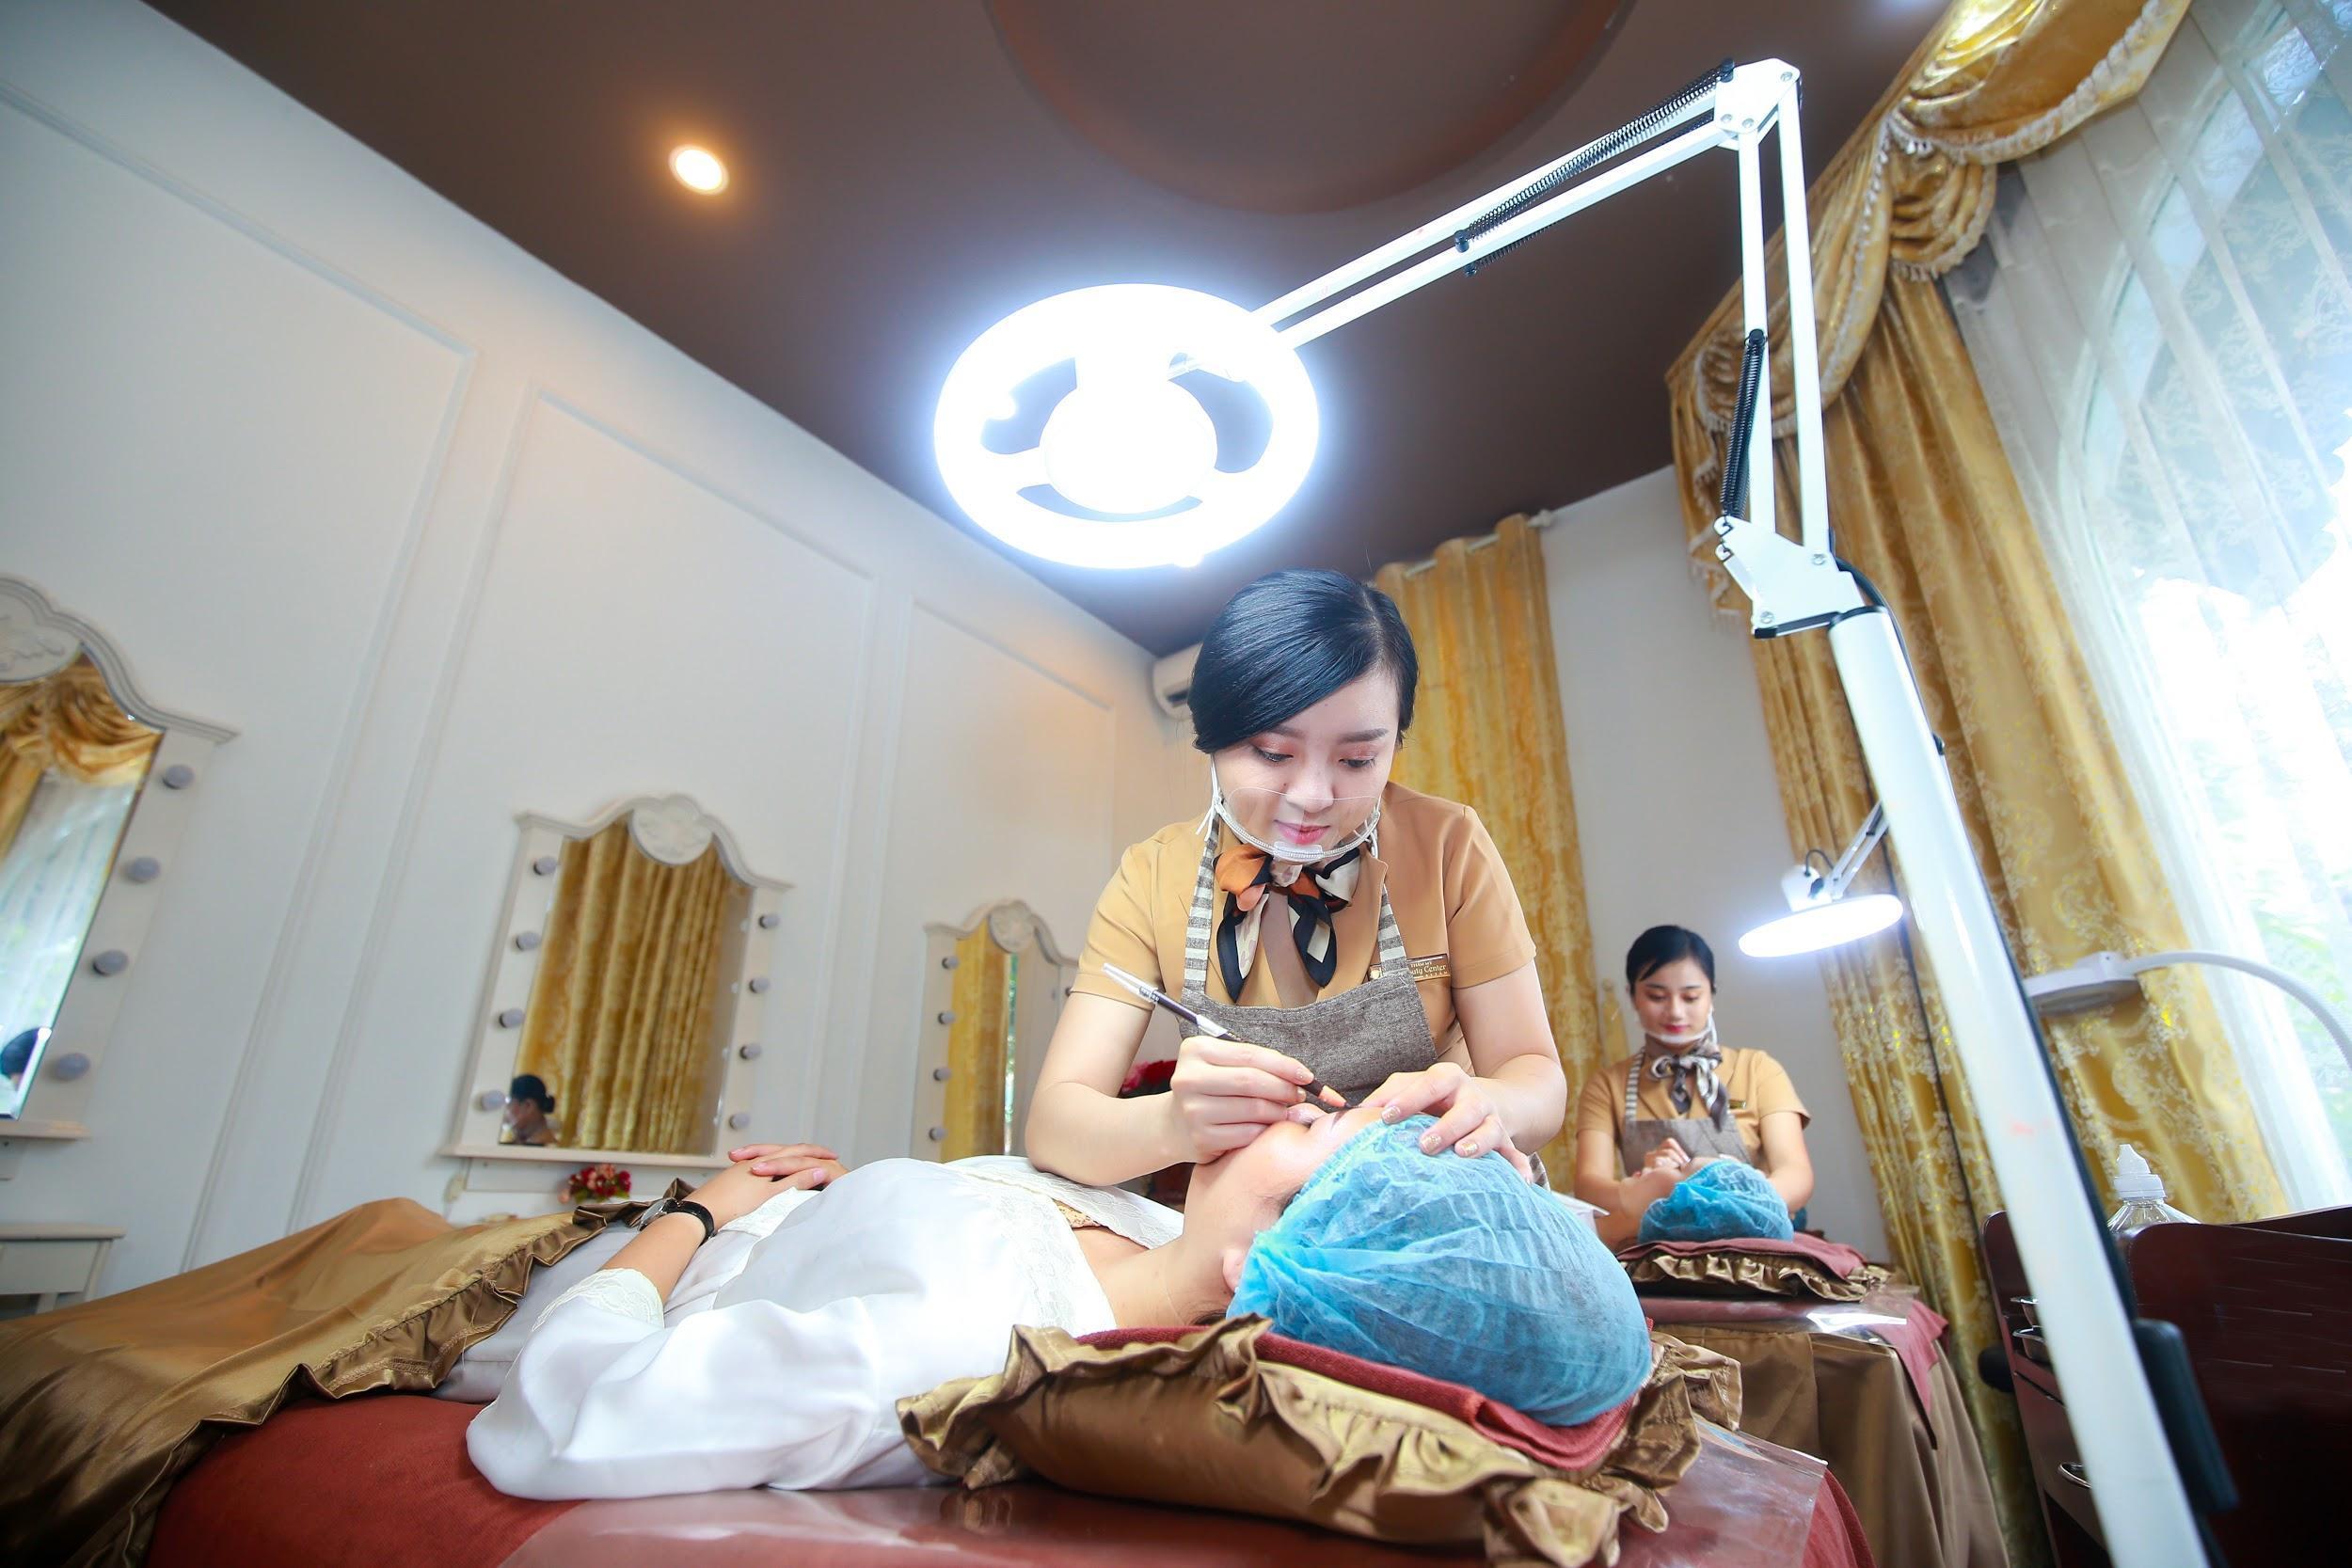 Ngắm quy mô thẩm mỹ viện Beauty Center, địa chỉ làm đẹp uy tín của sao Việt - Ảnh 4.